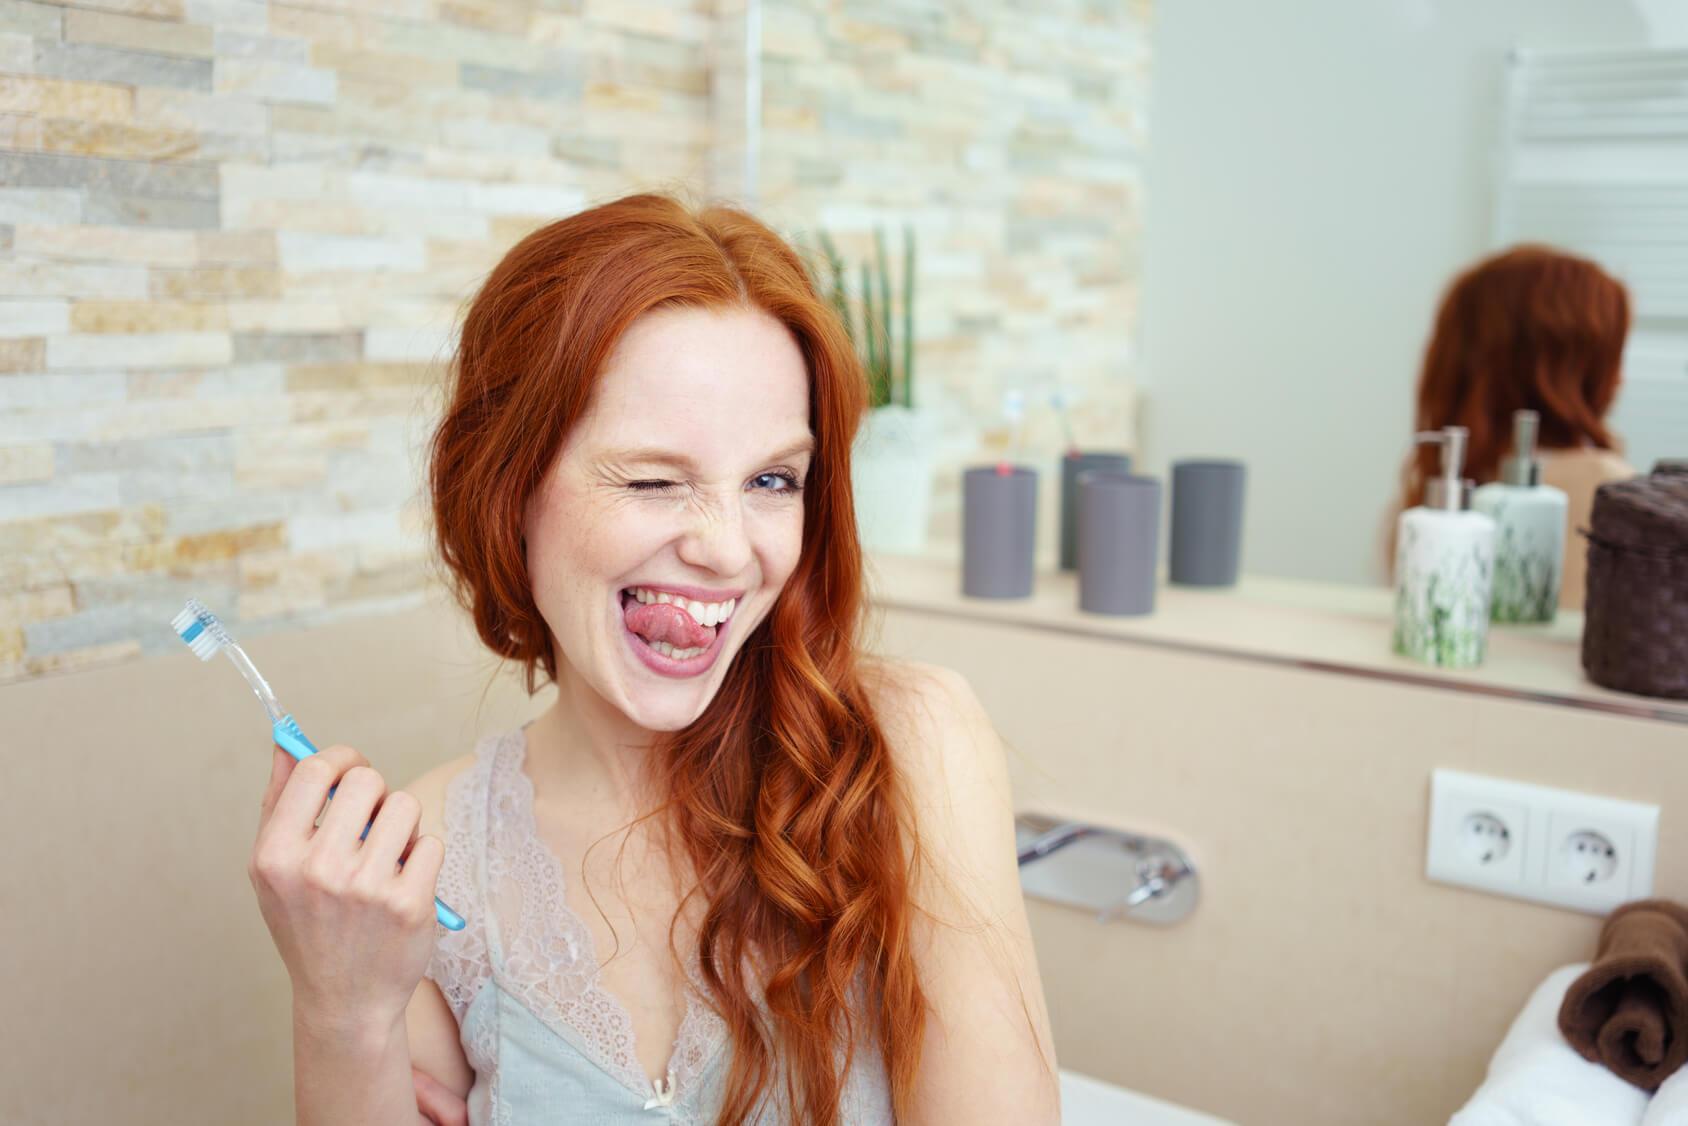 Junge Frau mit langen roten Haaren und Zahnkrankheiten steht im Bad und knipst ein Auge zu und hält die Zunge an die Zähne, im Hintergrund ist ein Spiegel